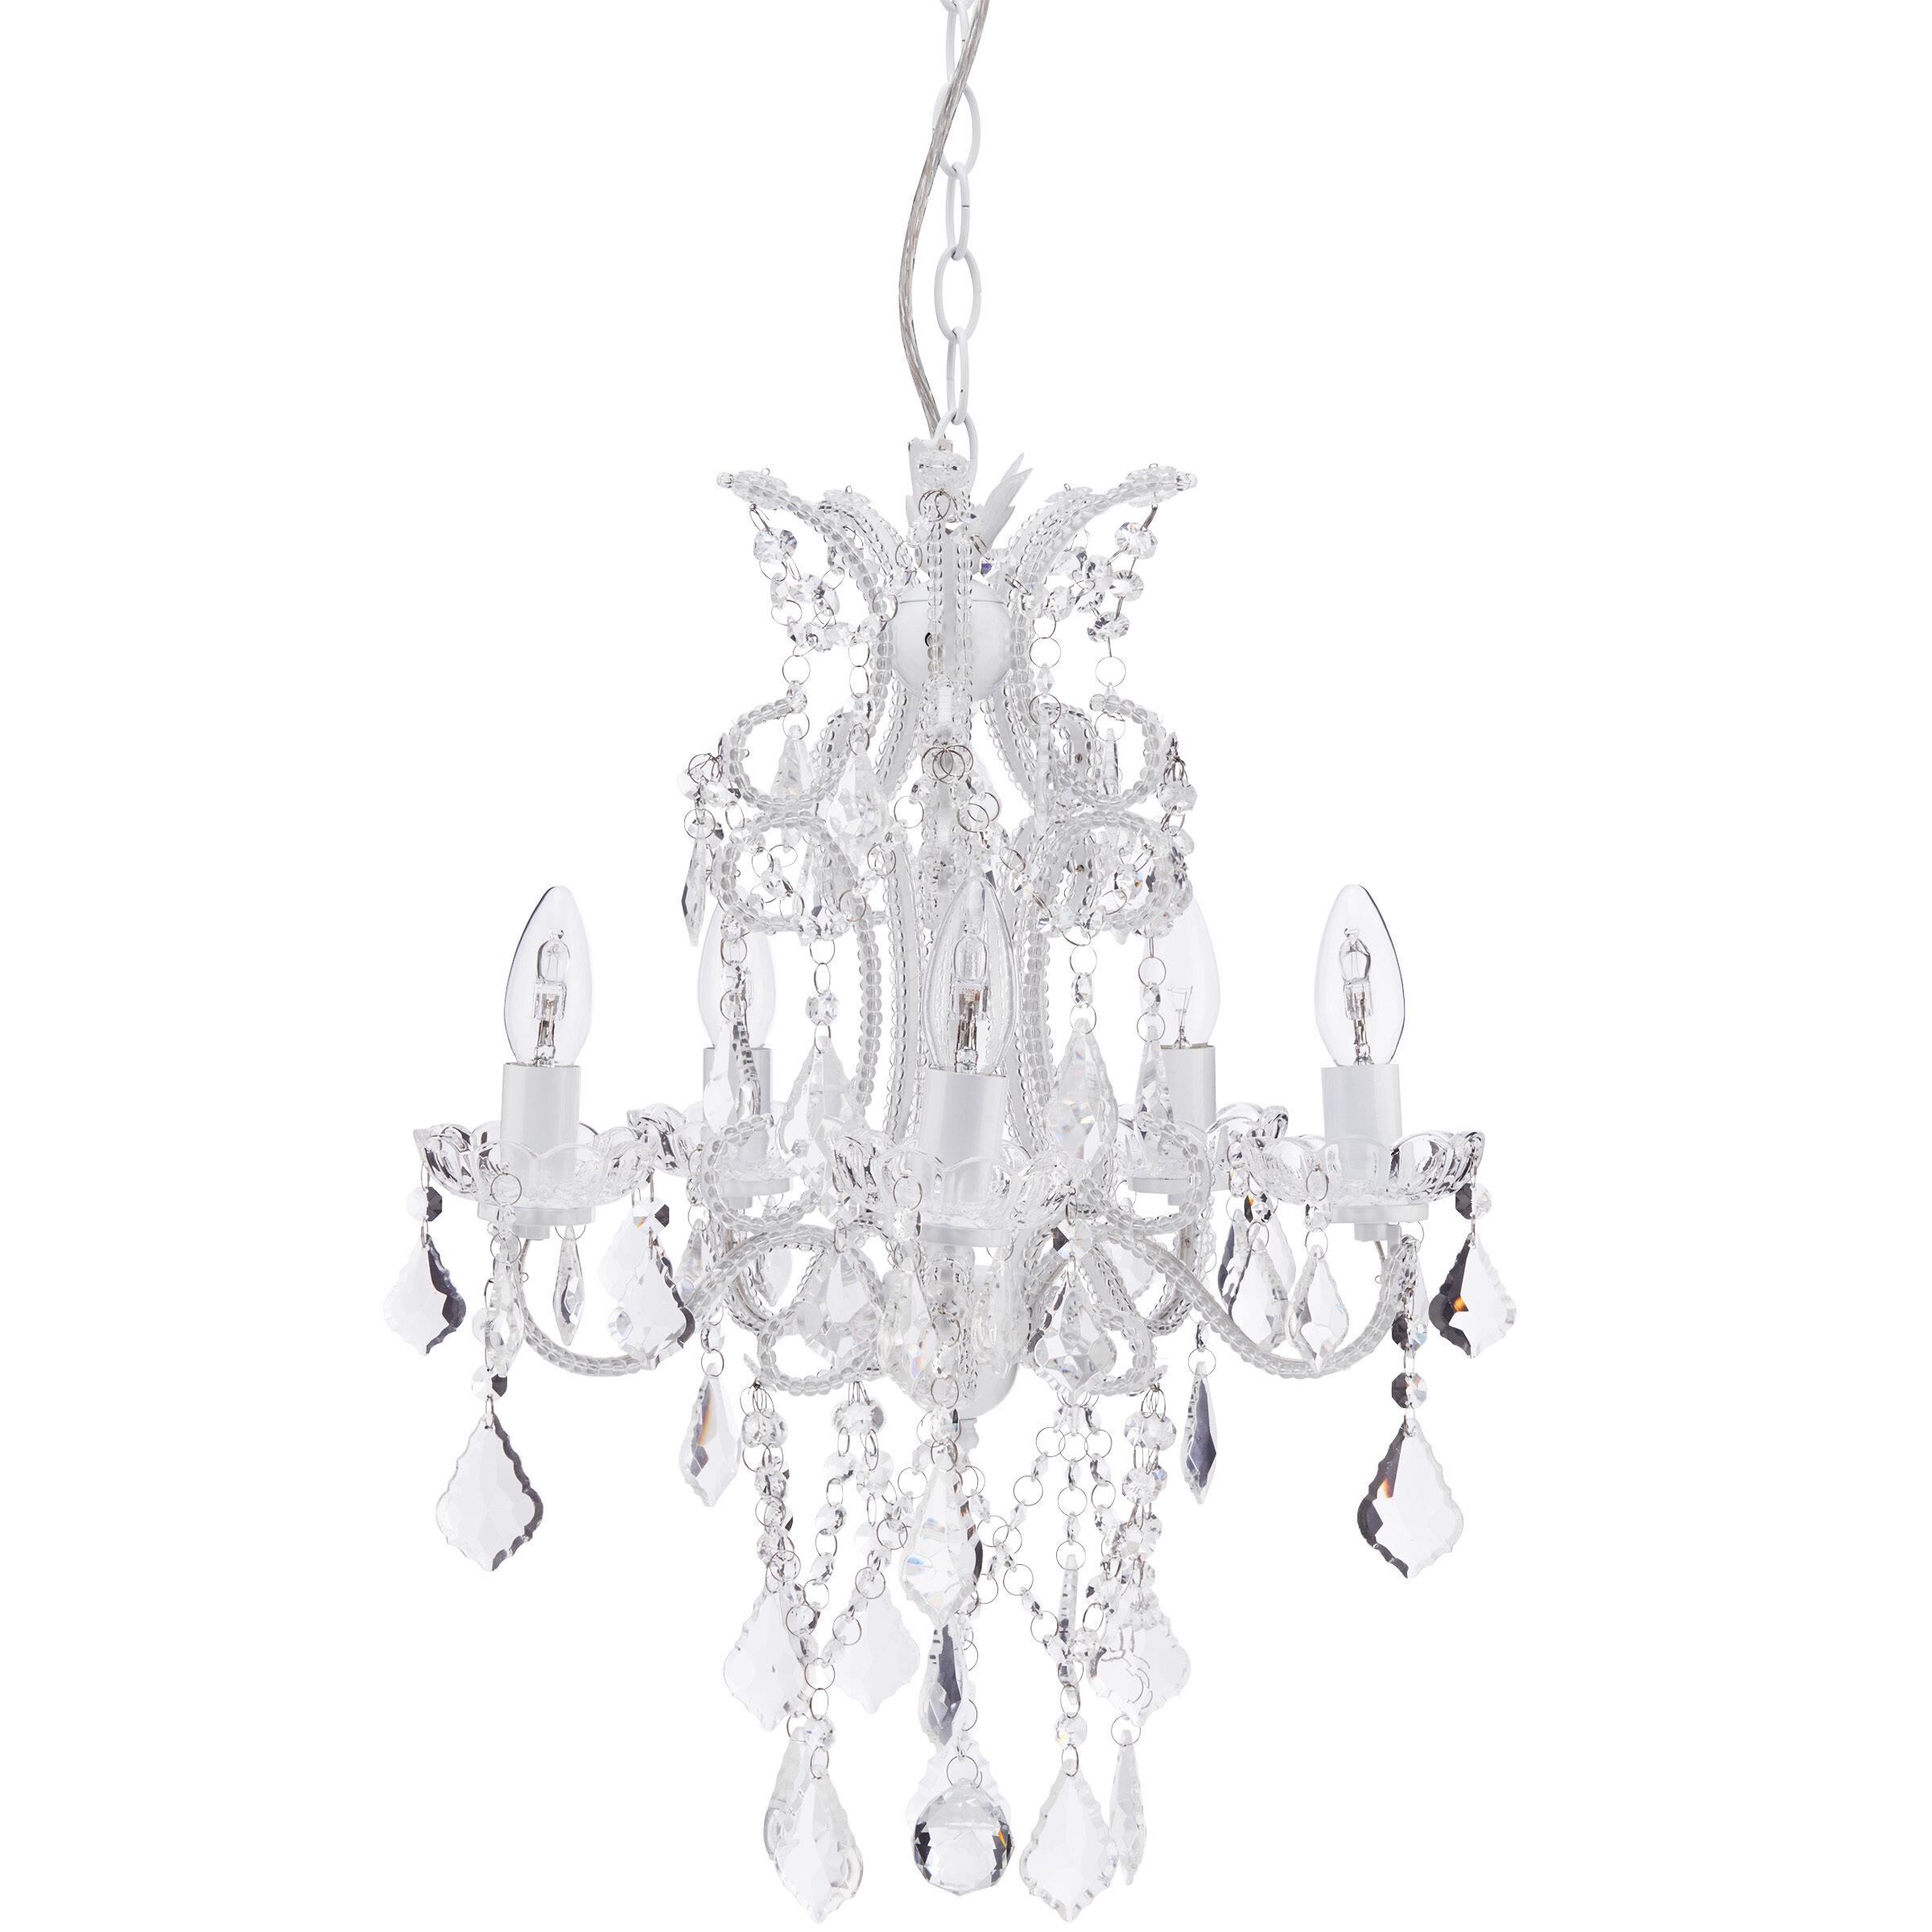 Butlers Kronleuchter 5 Flammig Luxury Lux | Wayfair.de